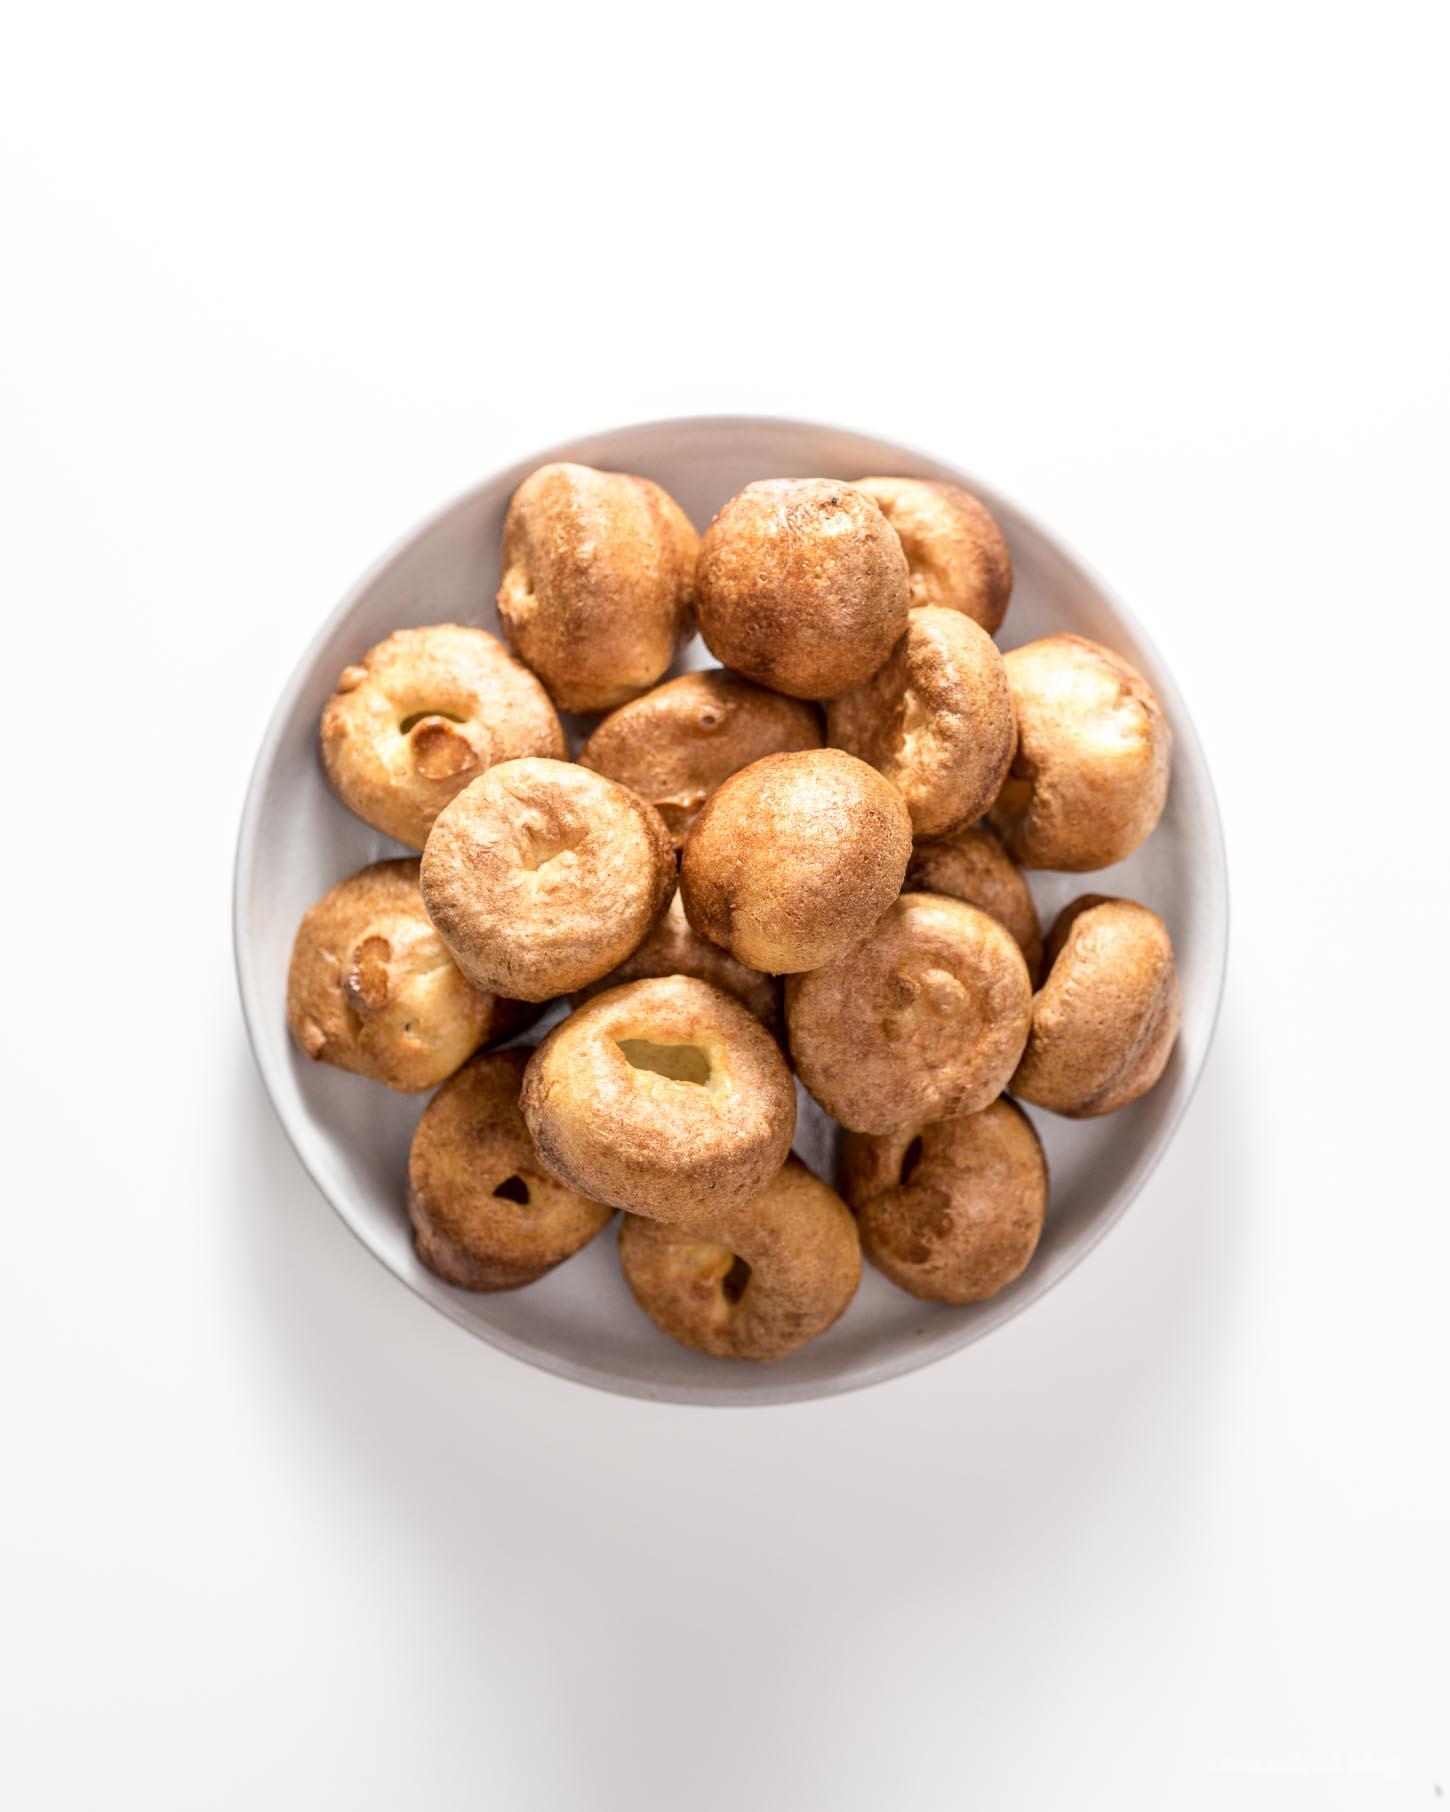 How to Make Mini Yorkshire Puddings | www.iamafoodblog.com